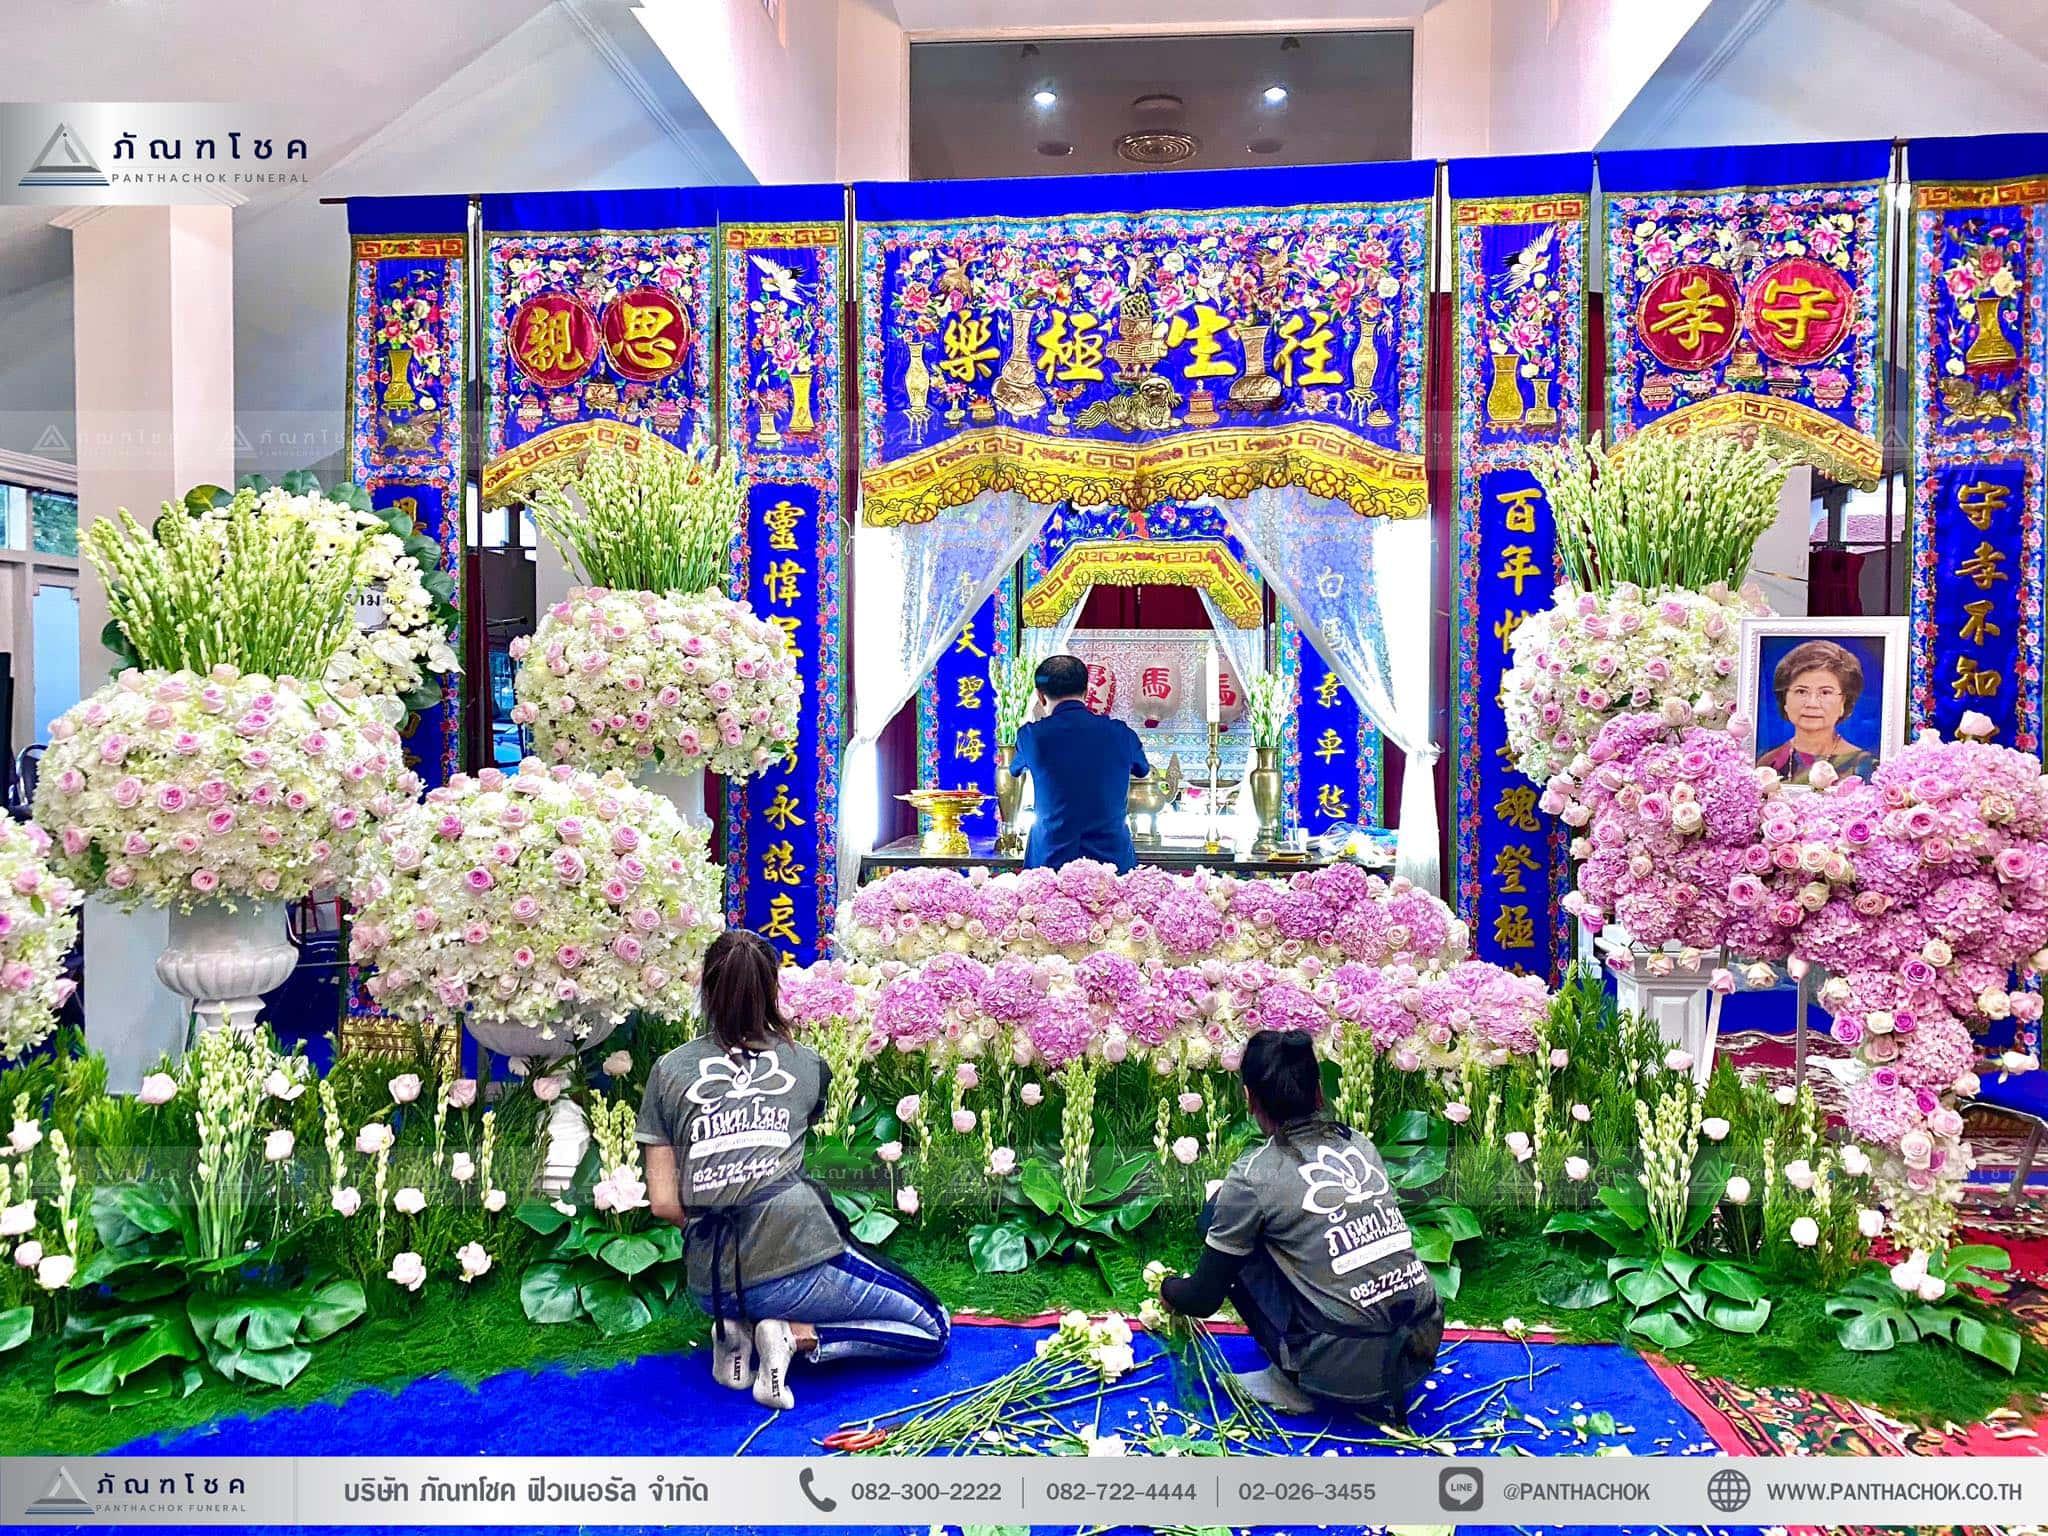 ดอกไม้หน้าศพสีชมพู พุ่มดอกไม้ จัดดอกไม้ราชบุรี